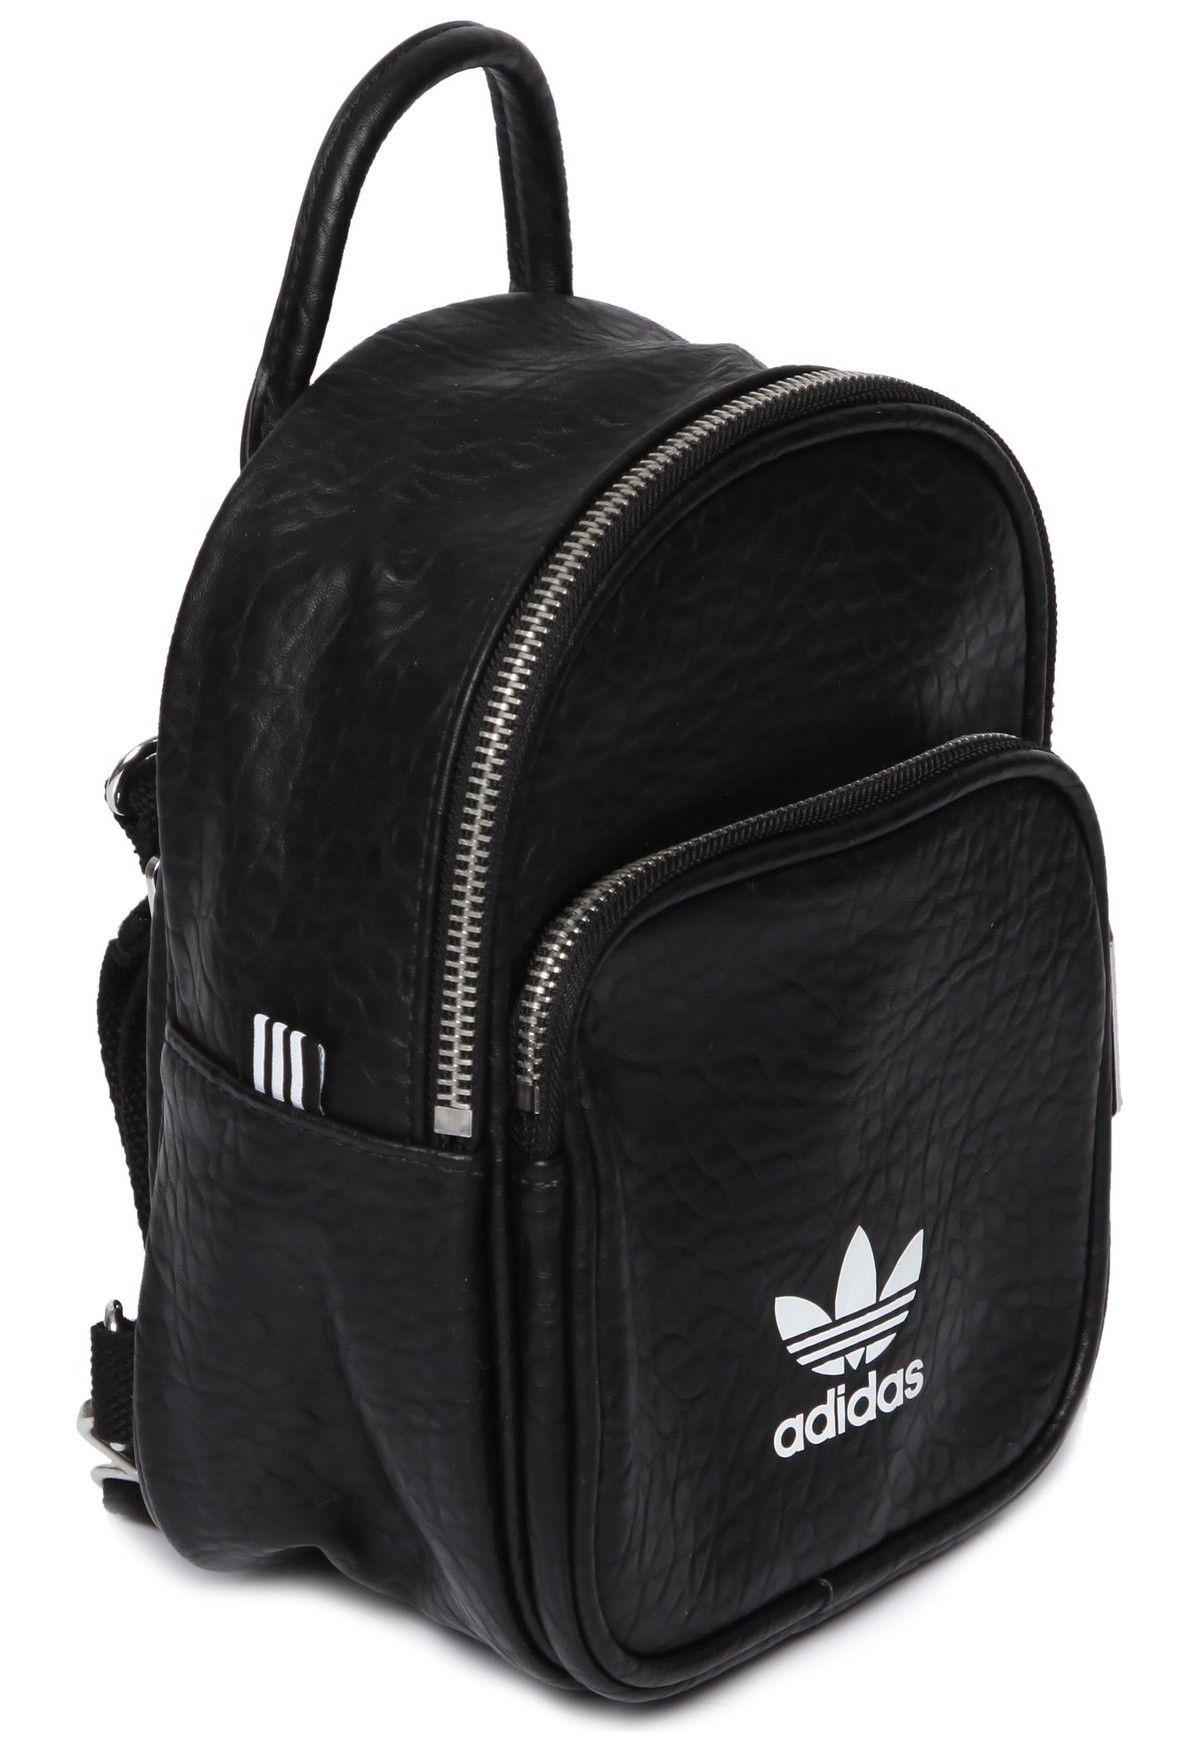 be369410264 Adidas Originals - MOCHILA MINI CLASSIC - PRETO - OQVestir